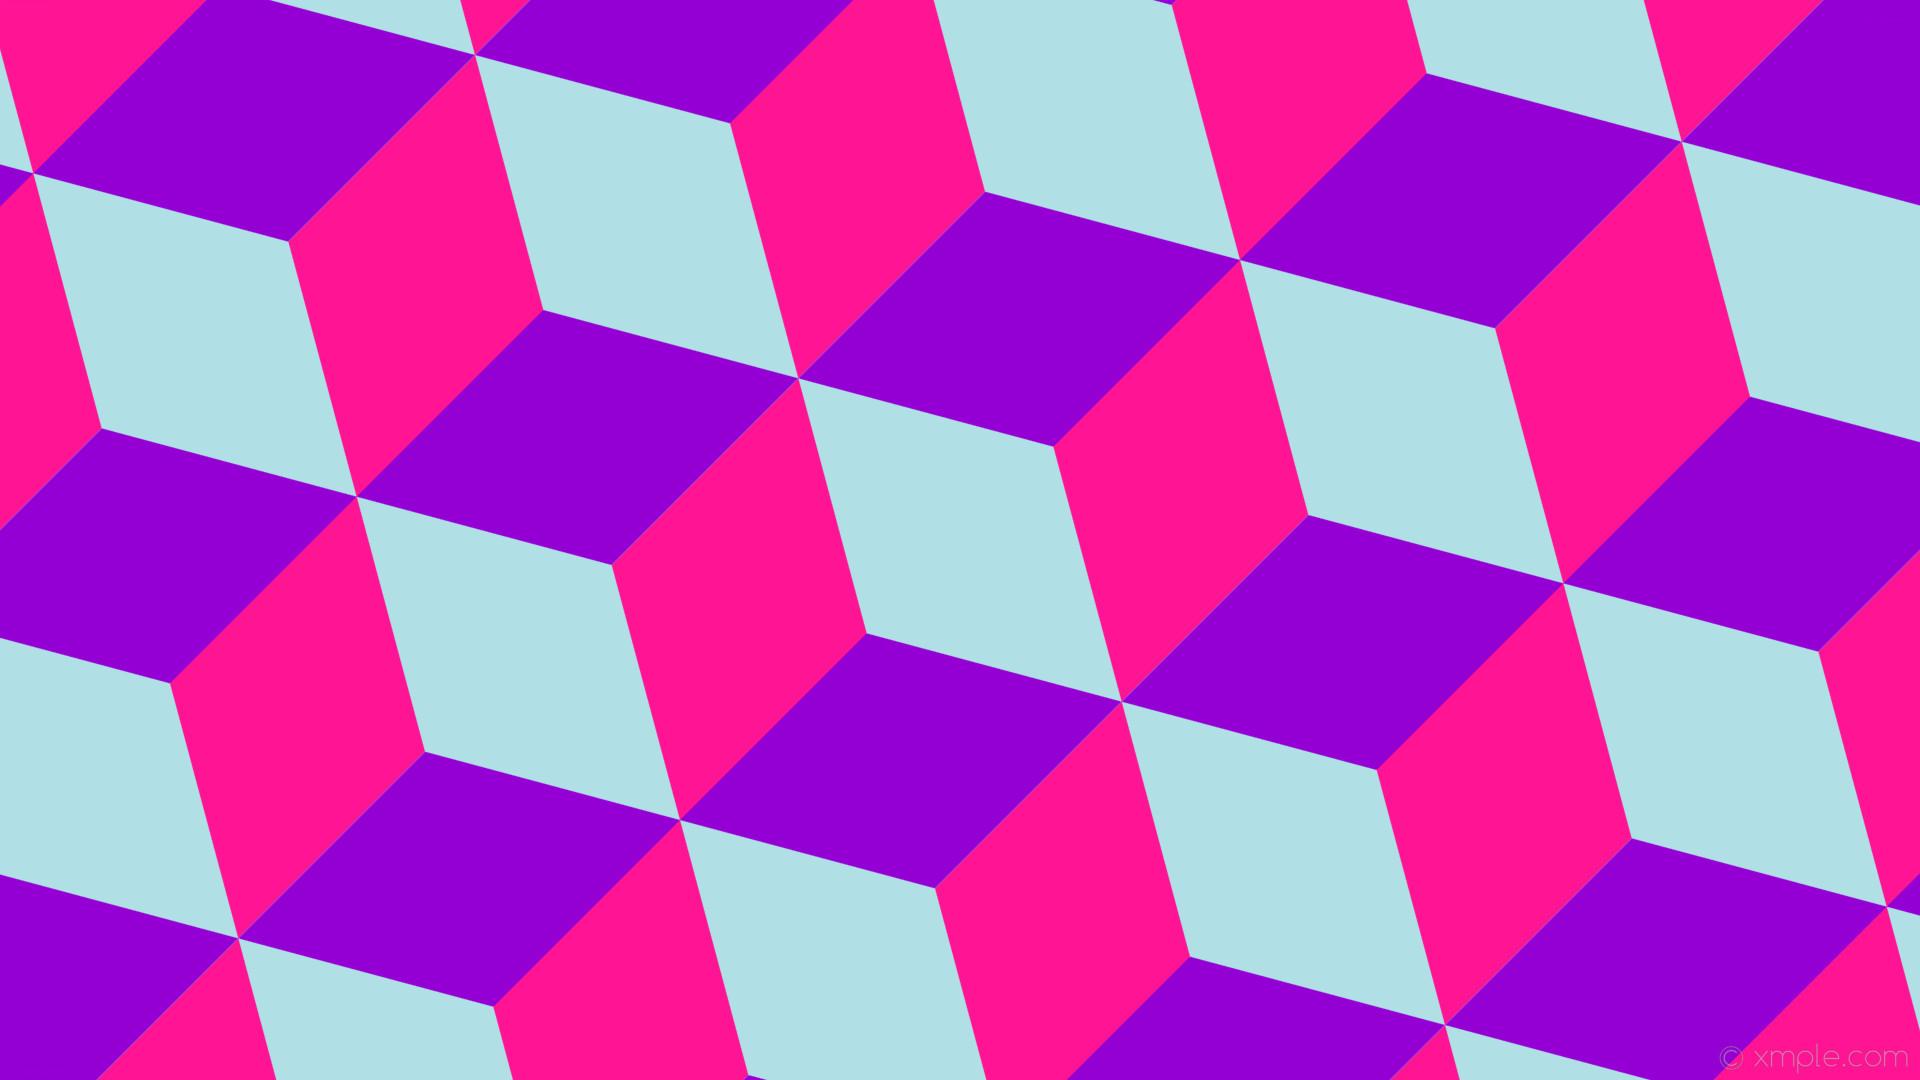 wallpaper blue purple pink 3d cubes powder blue deep pink dark violet  #b0e0e6 #ff1493